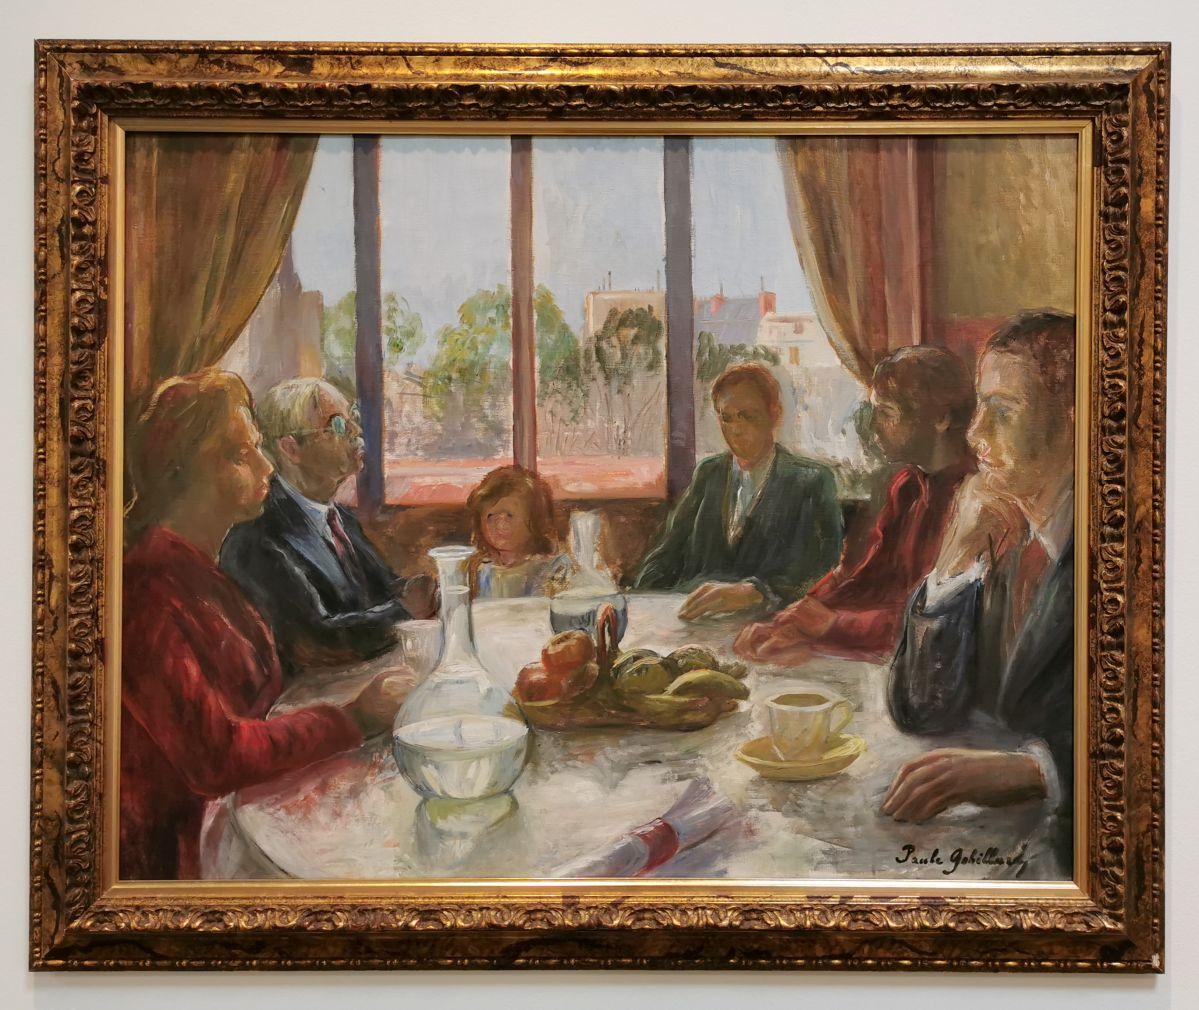 Paule Gobillard - Fin de repas, 1940 - Paul Valéry et les peintres - Le cercle familial - Musée Paul Valéry à Sète